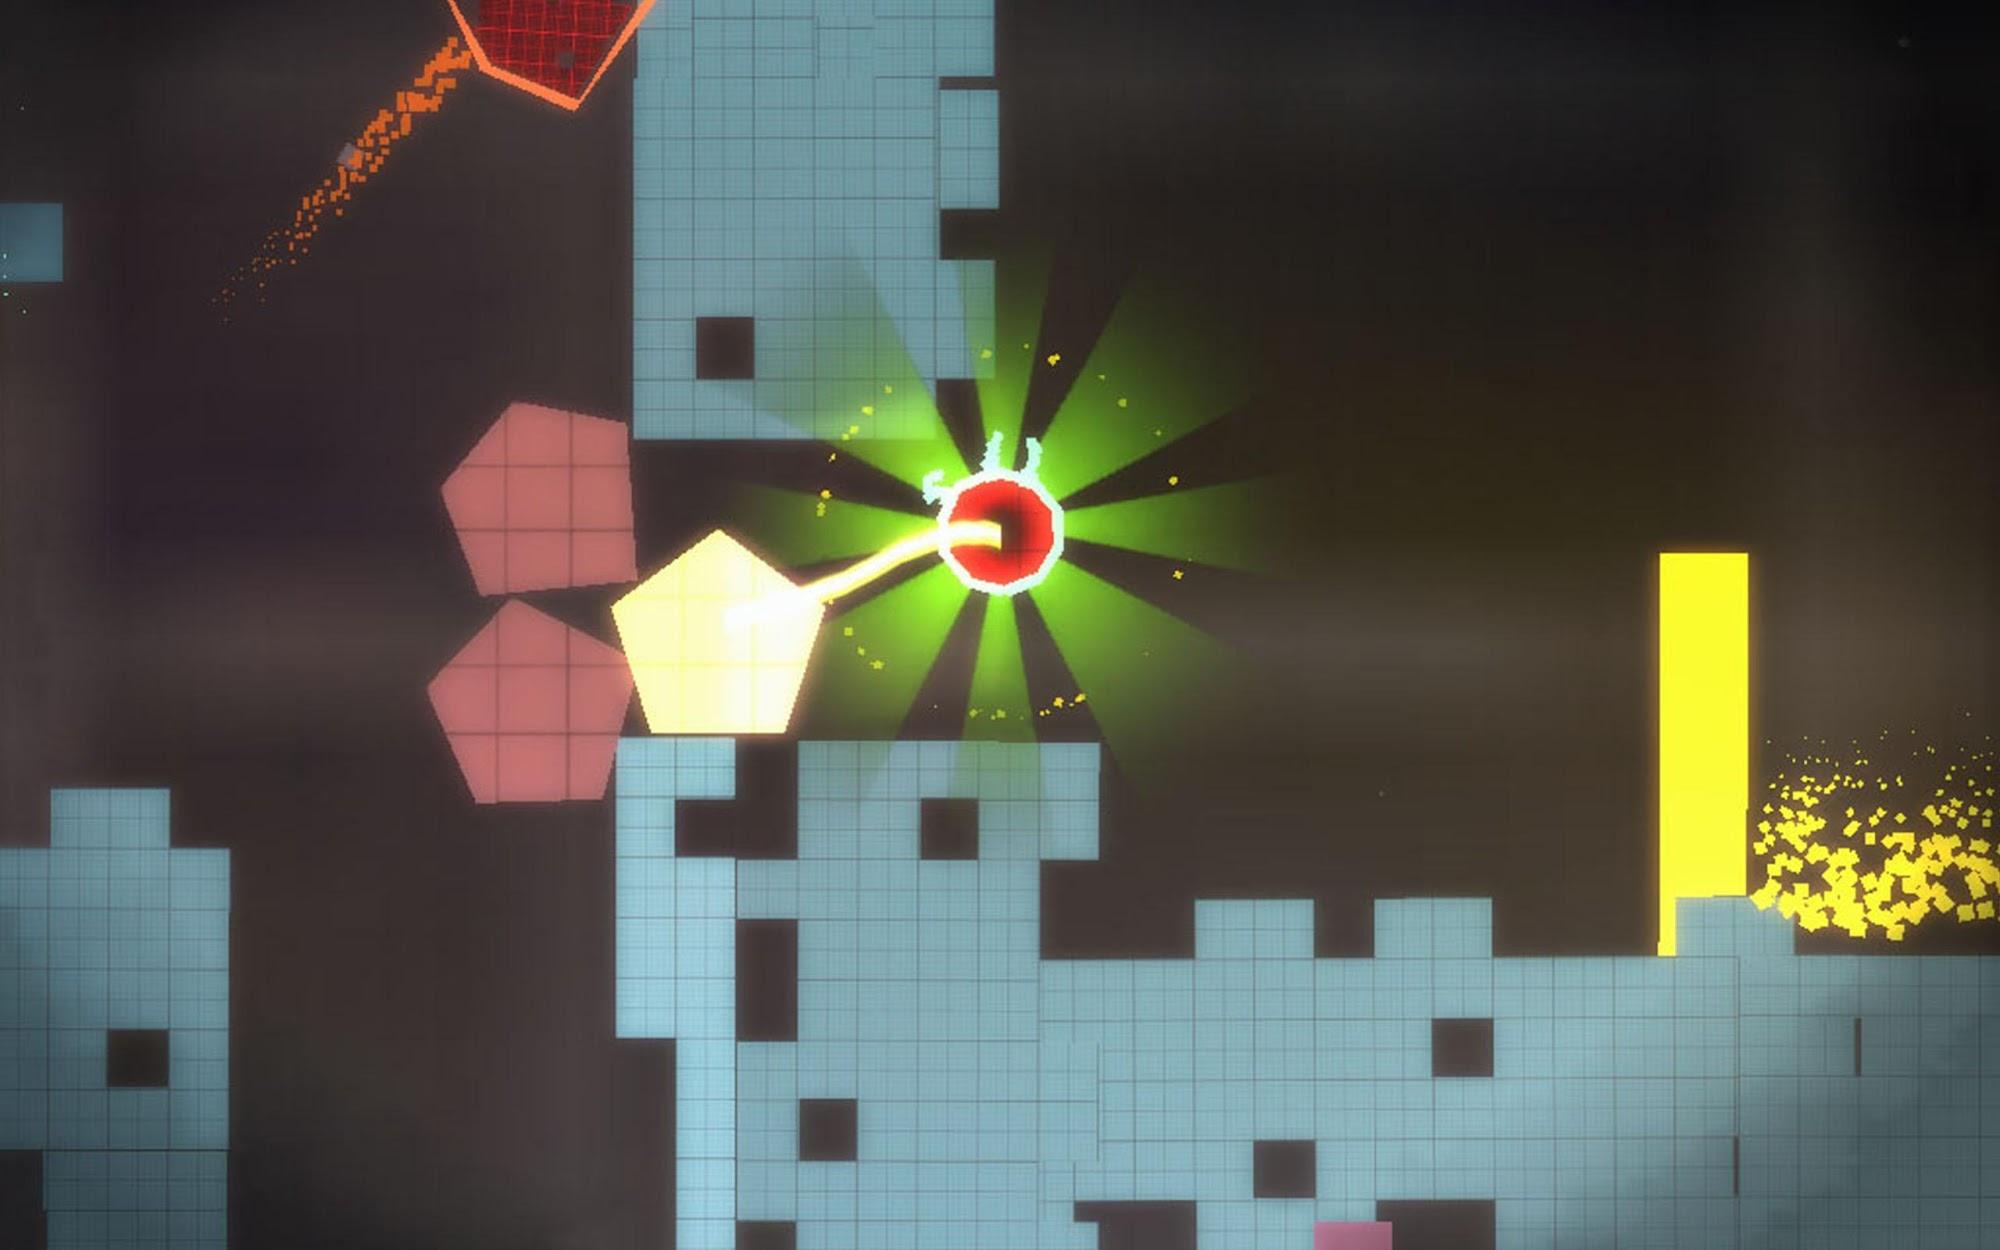 KromacelliK screenshot #8